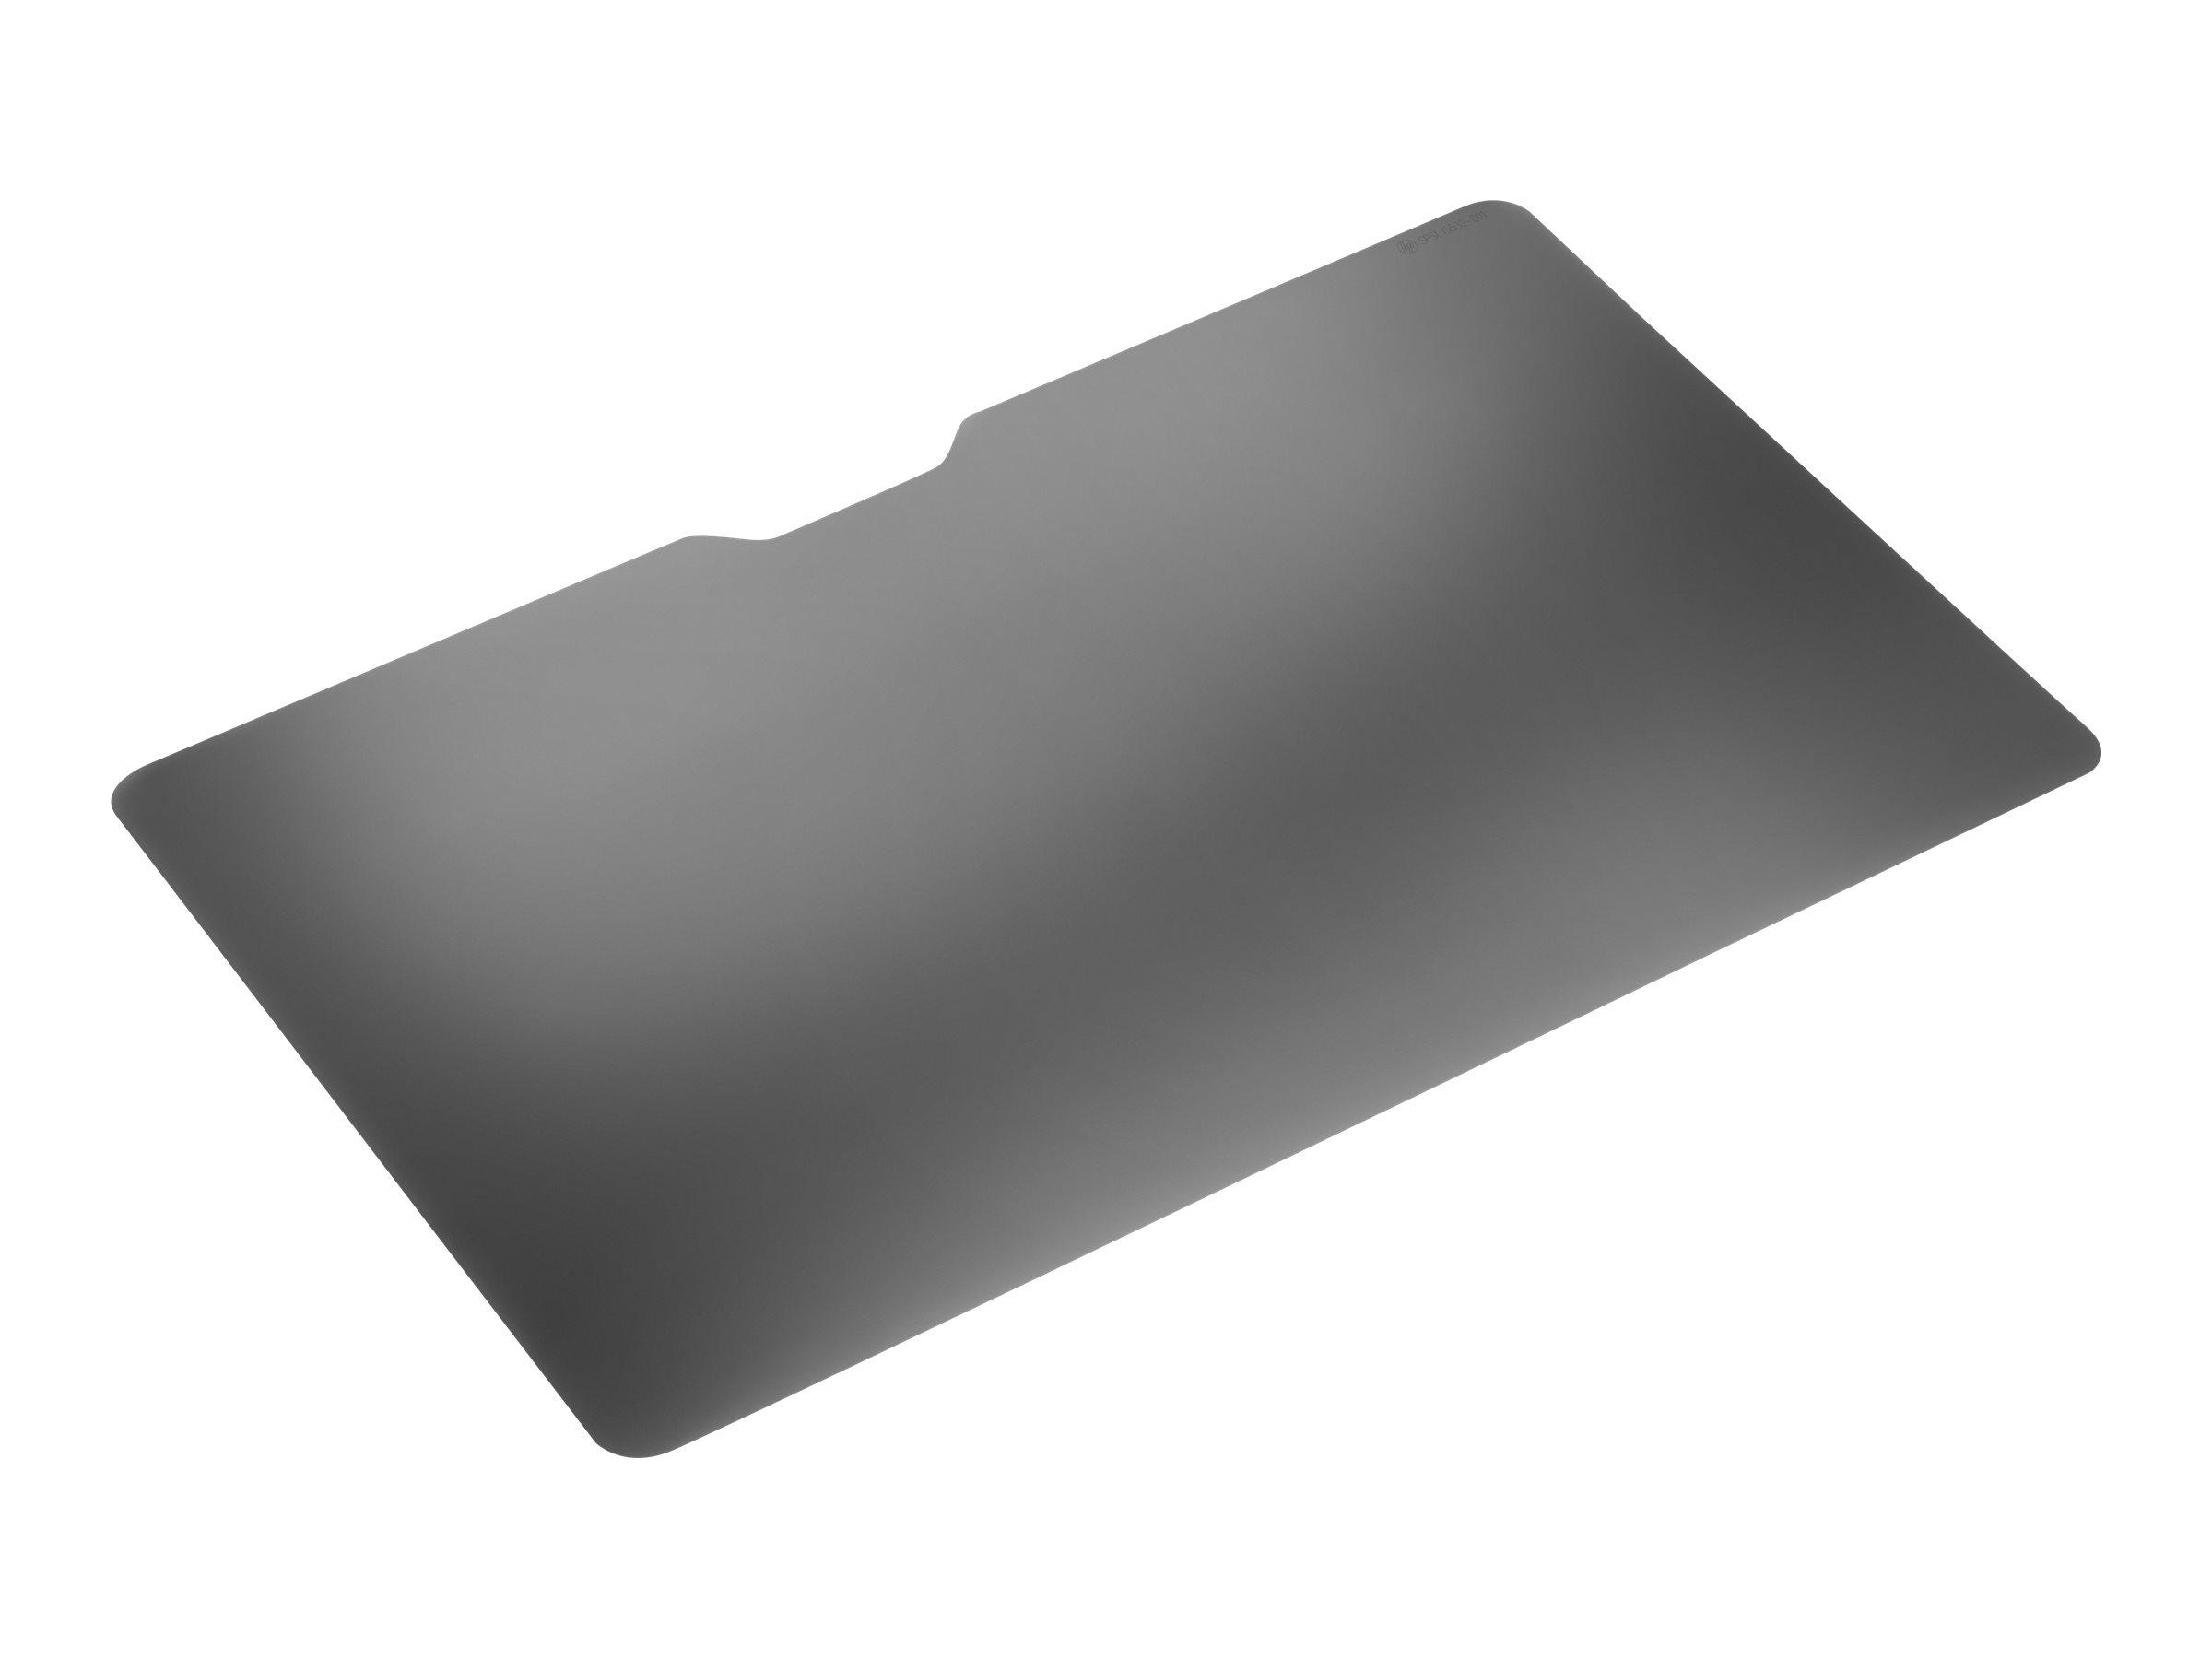 Hp blickschutzfilter fuer notebook 39 6 cm 15 6 39 6 cm 15 6 fuer hp 25x g7 elitebook 850 g6 probook 450 g6 450 g7 650 g5 zbook 15 g6 15u g6 8499740 3kp53aa